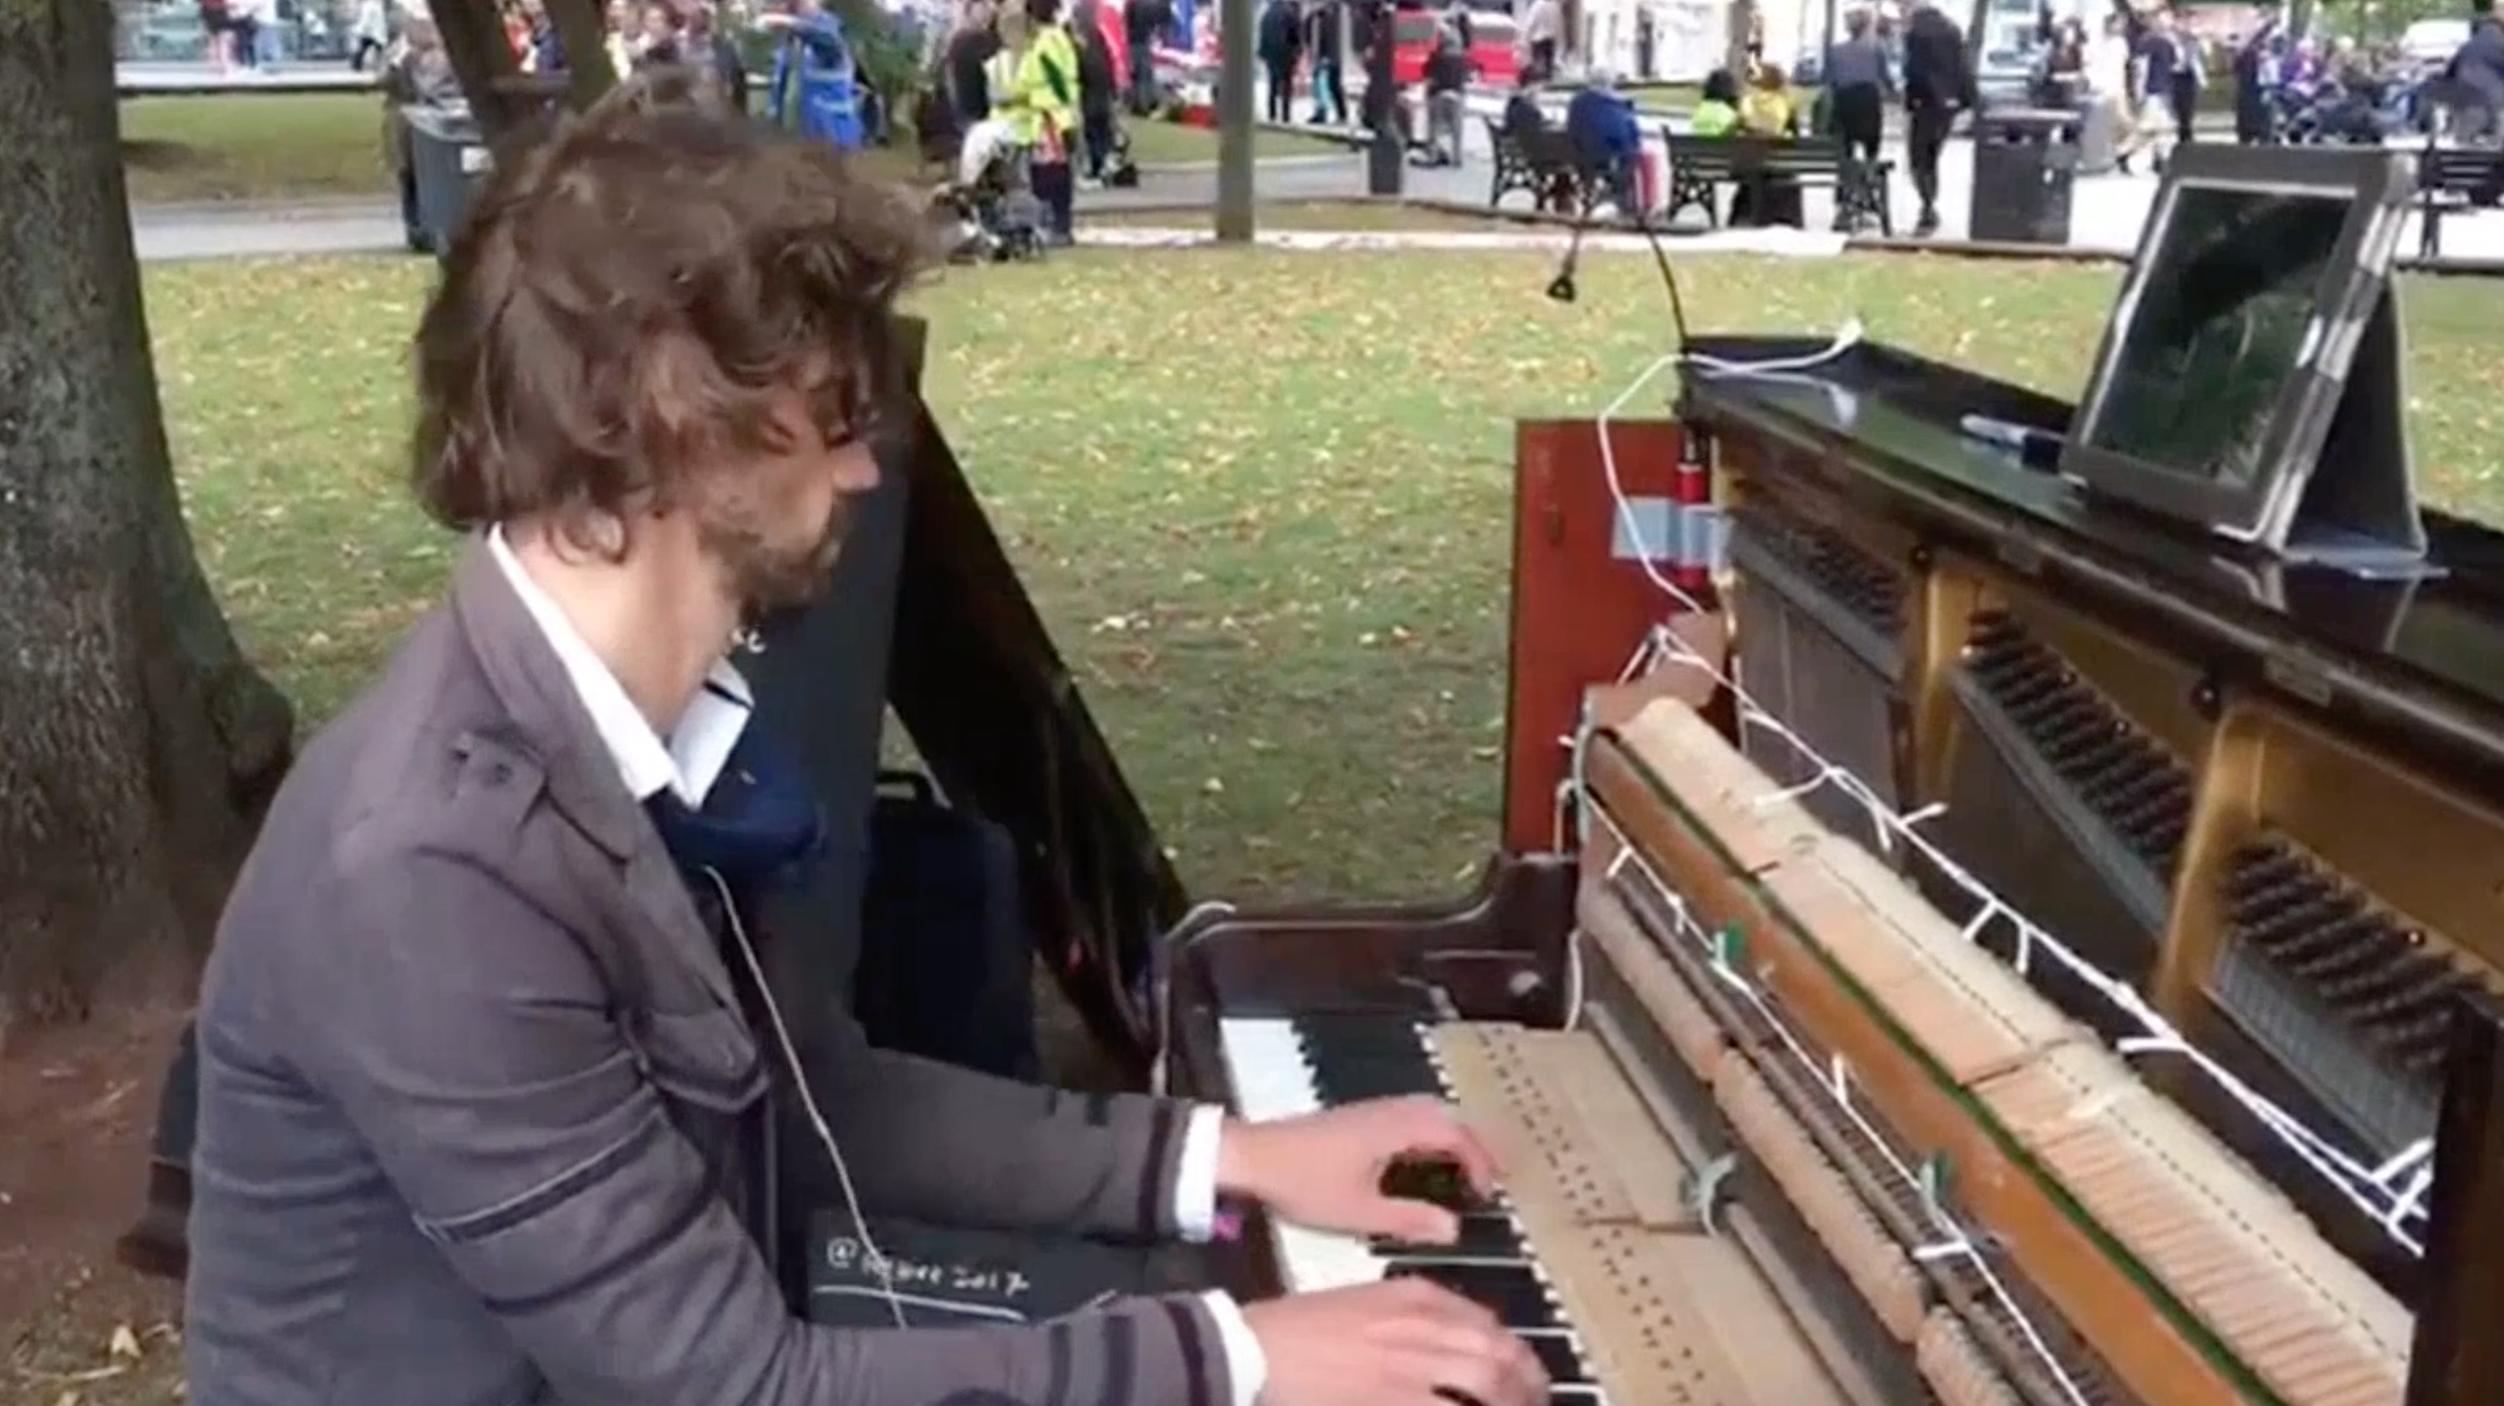 Luke Howard Bristol pianist